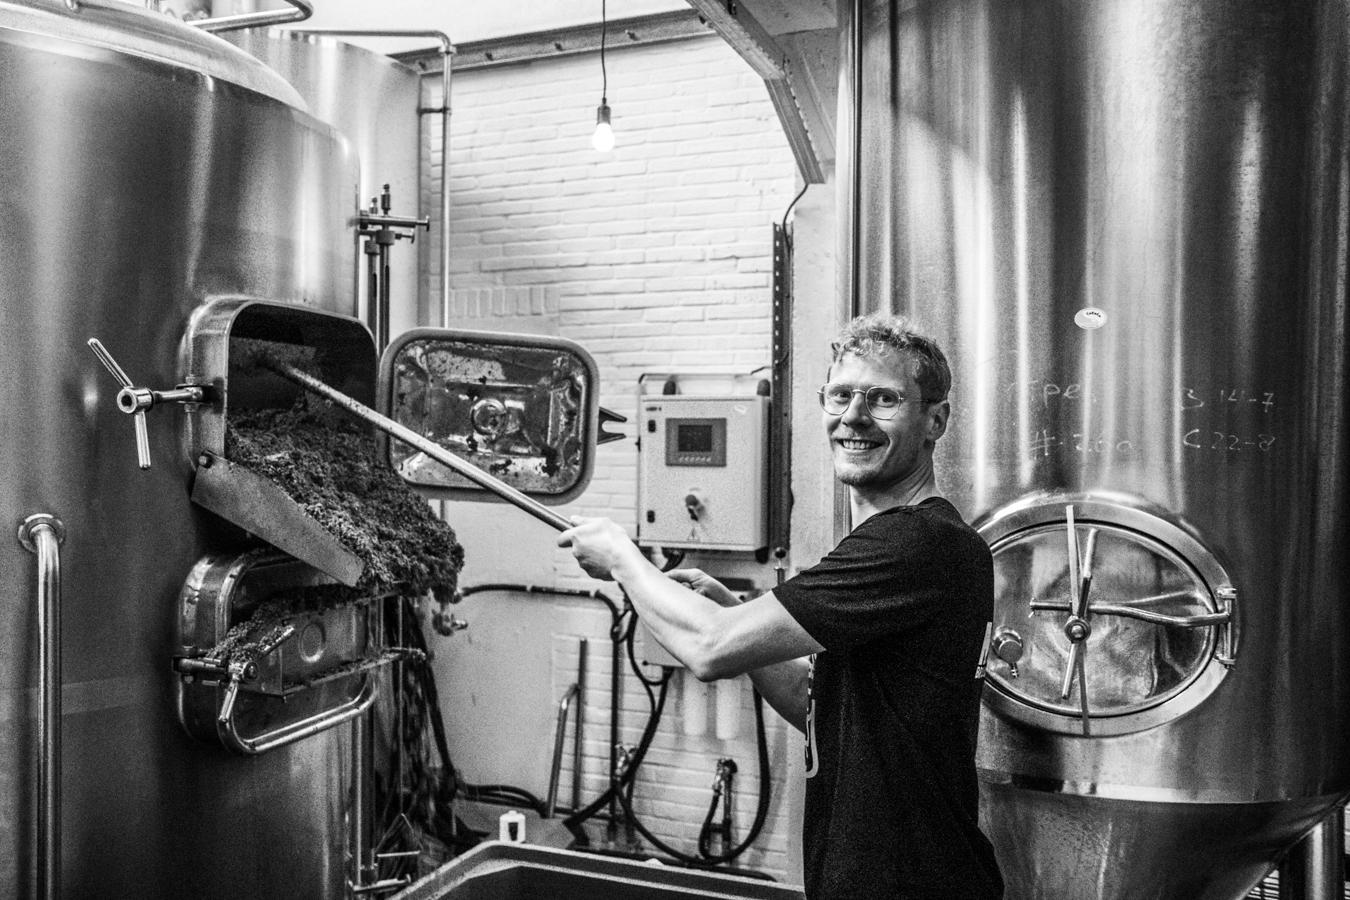 De smaak van Martijn Swierstra (brouwerij Martinus)